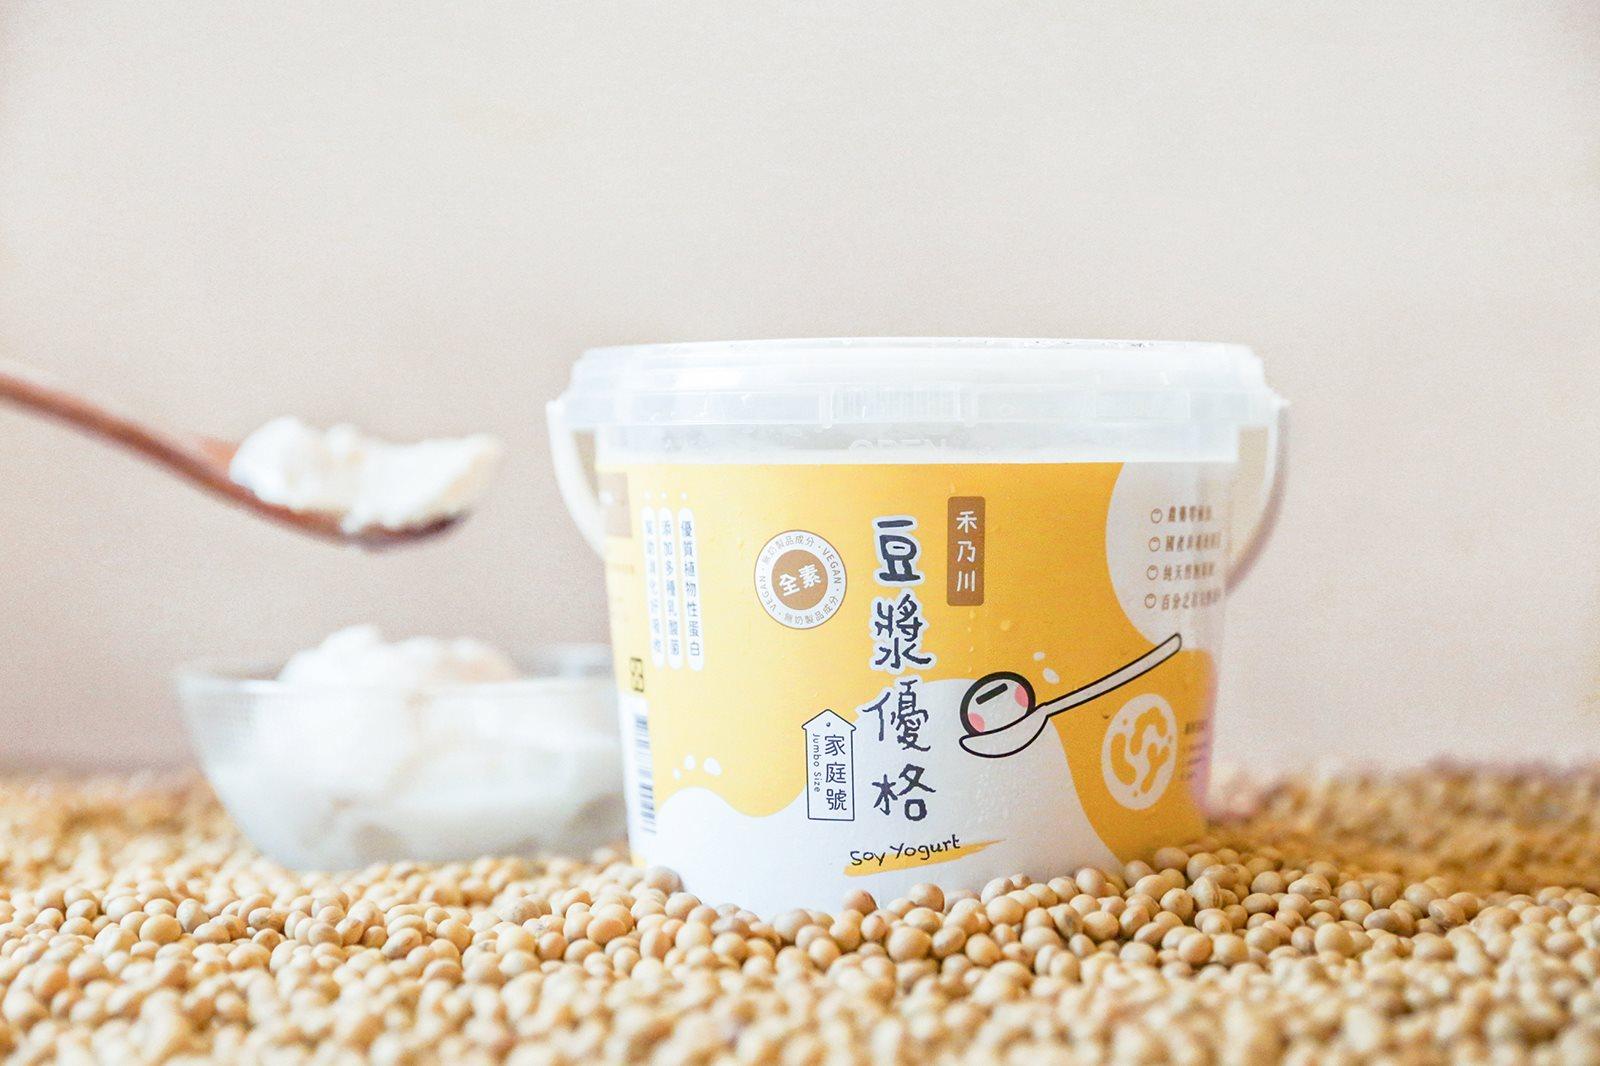 豆漿優格哪裡買?禾乃川國產豆製所豆漿優格加入多種優質菌種,營養滿分